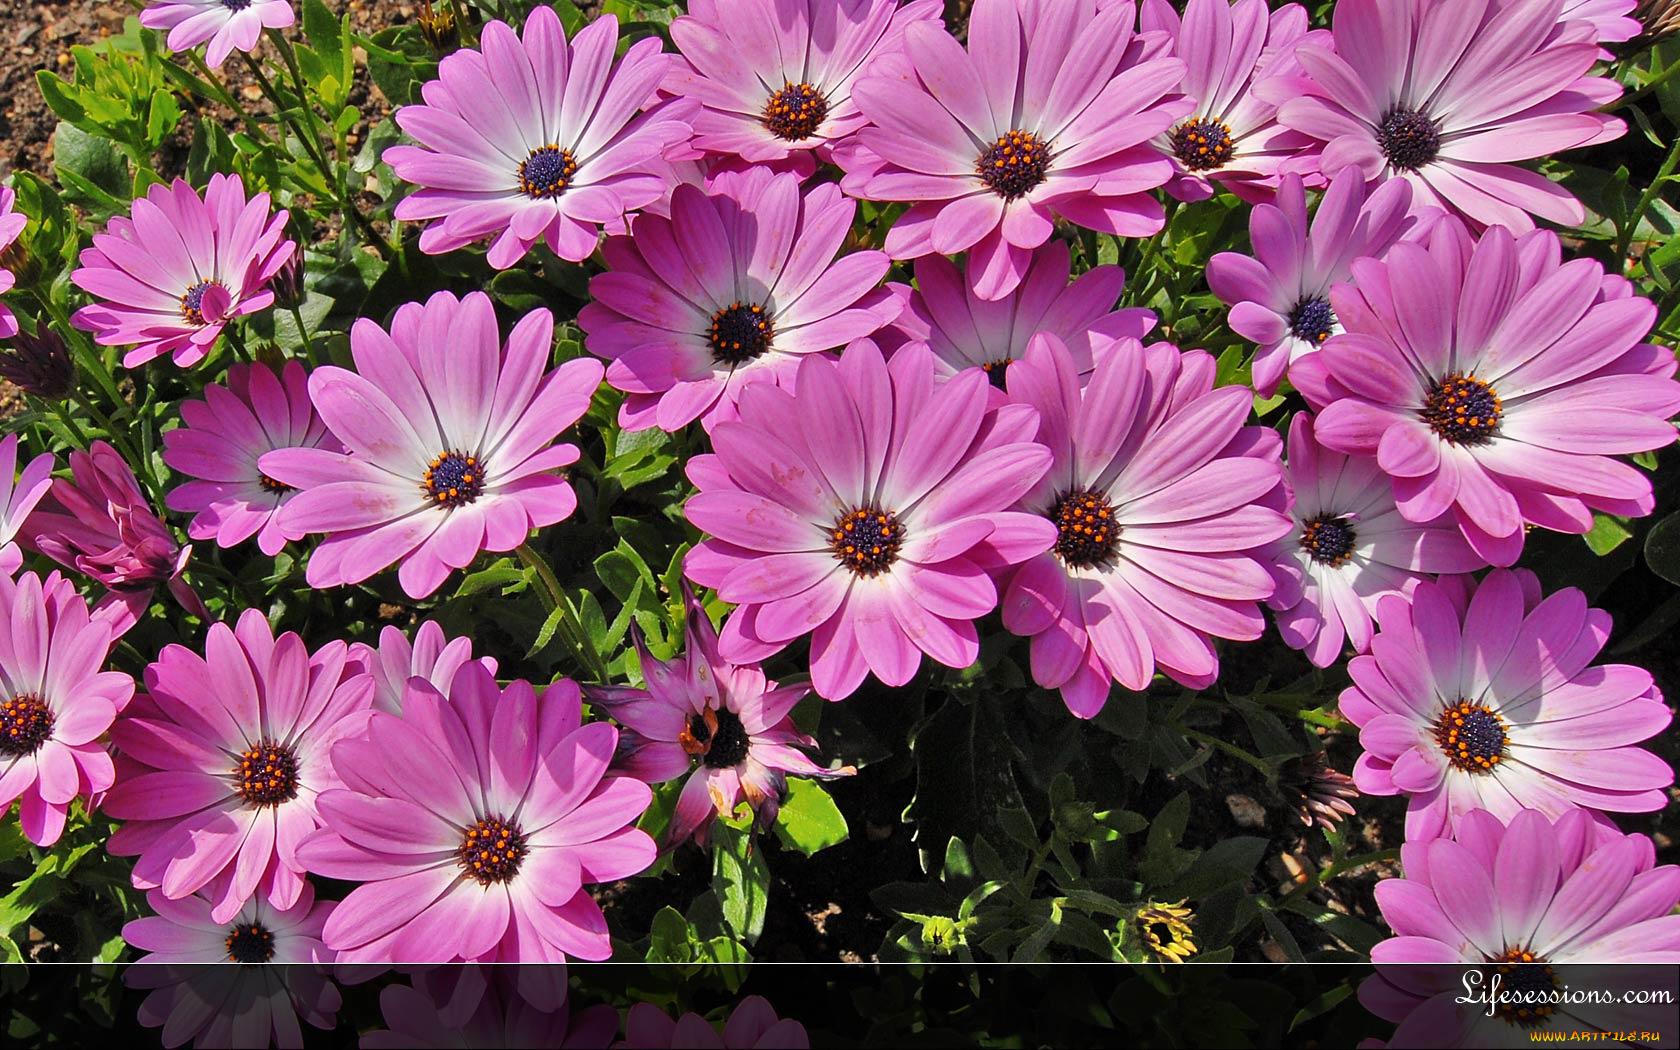 Фото из цветов в виде животных